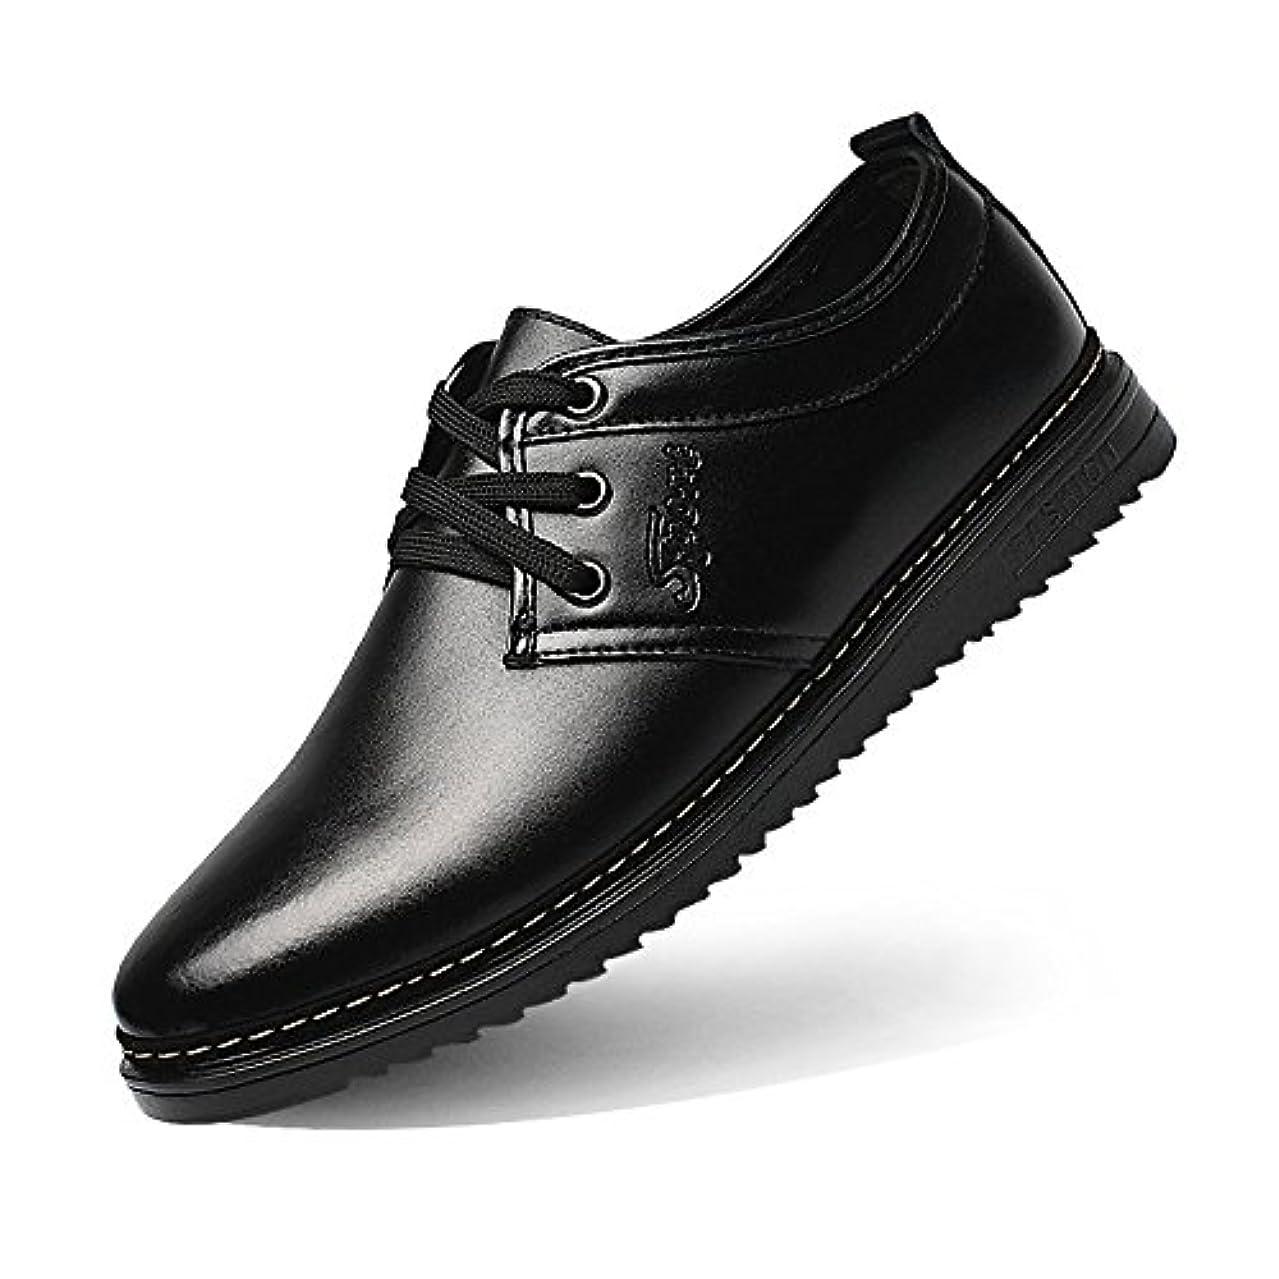 無臭心のこもった記念日革靴 メンズ  フォーマル ビジネスシューズ マット PUレザー オックスフォードシューズ アッパーレースアップ 通気の裏地 (暖かい  選択可) カジュアル